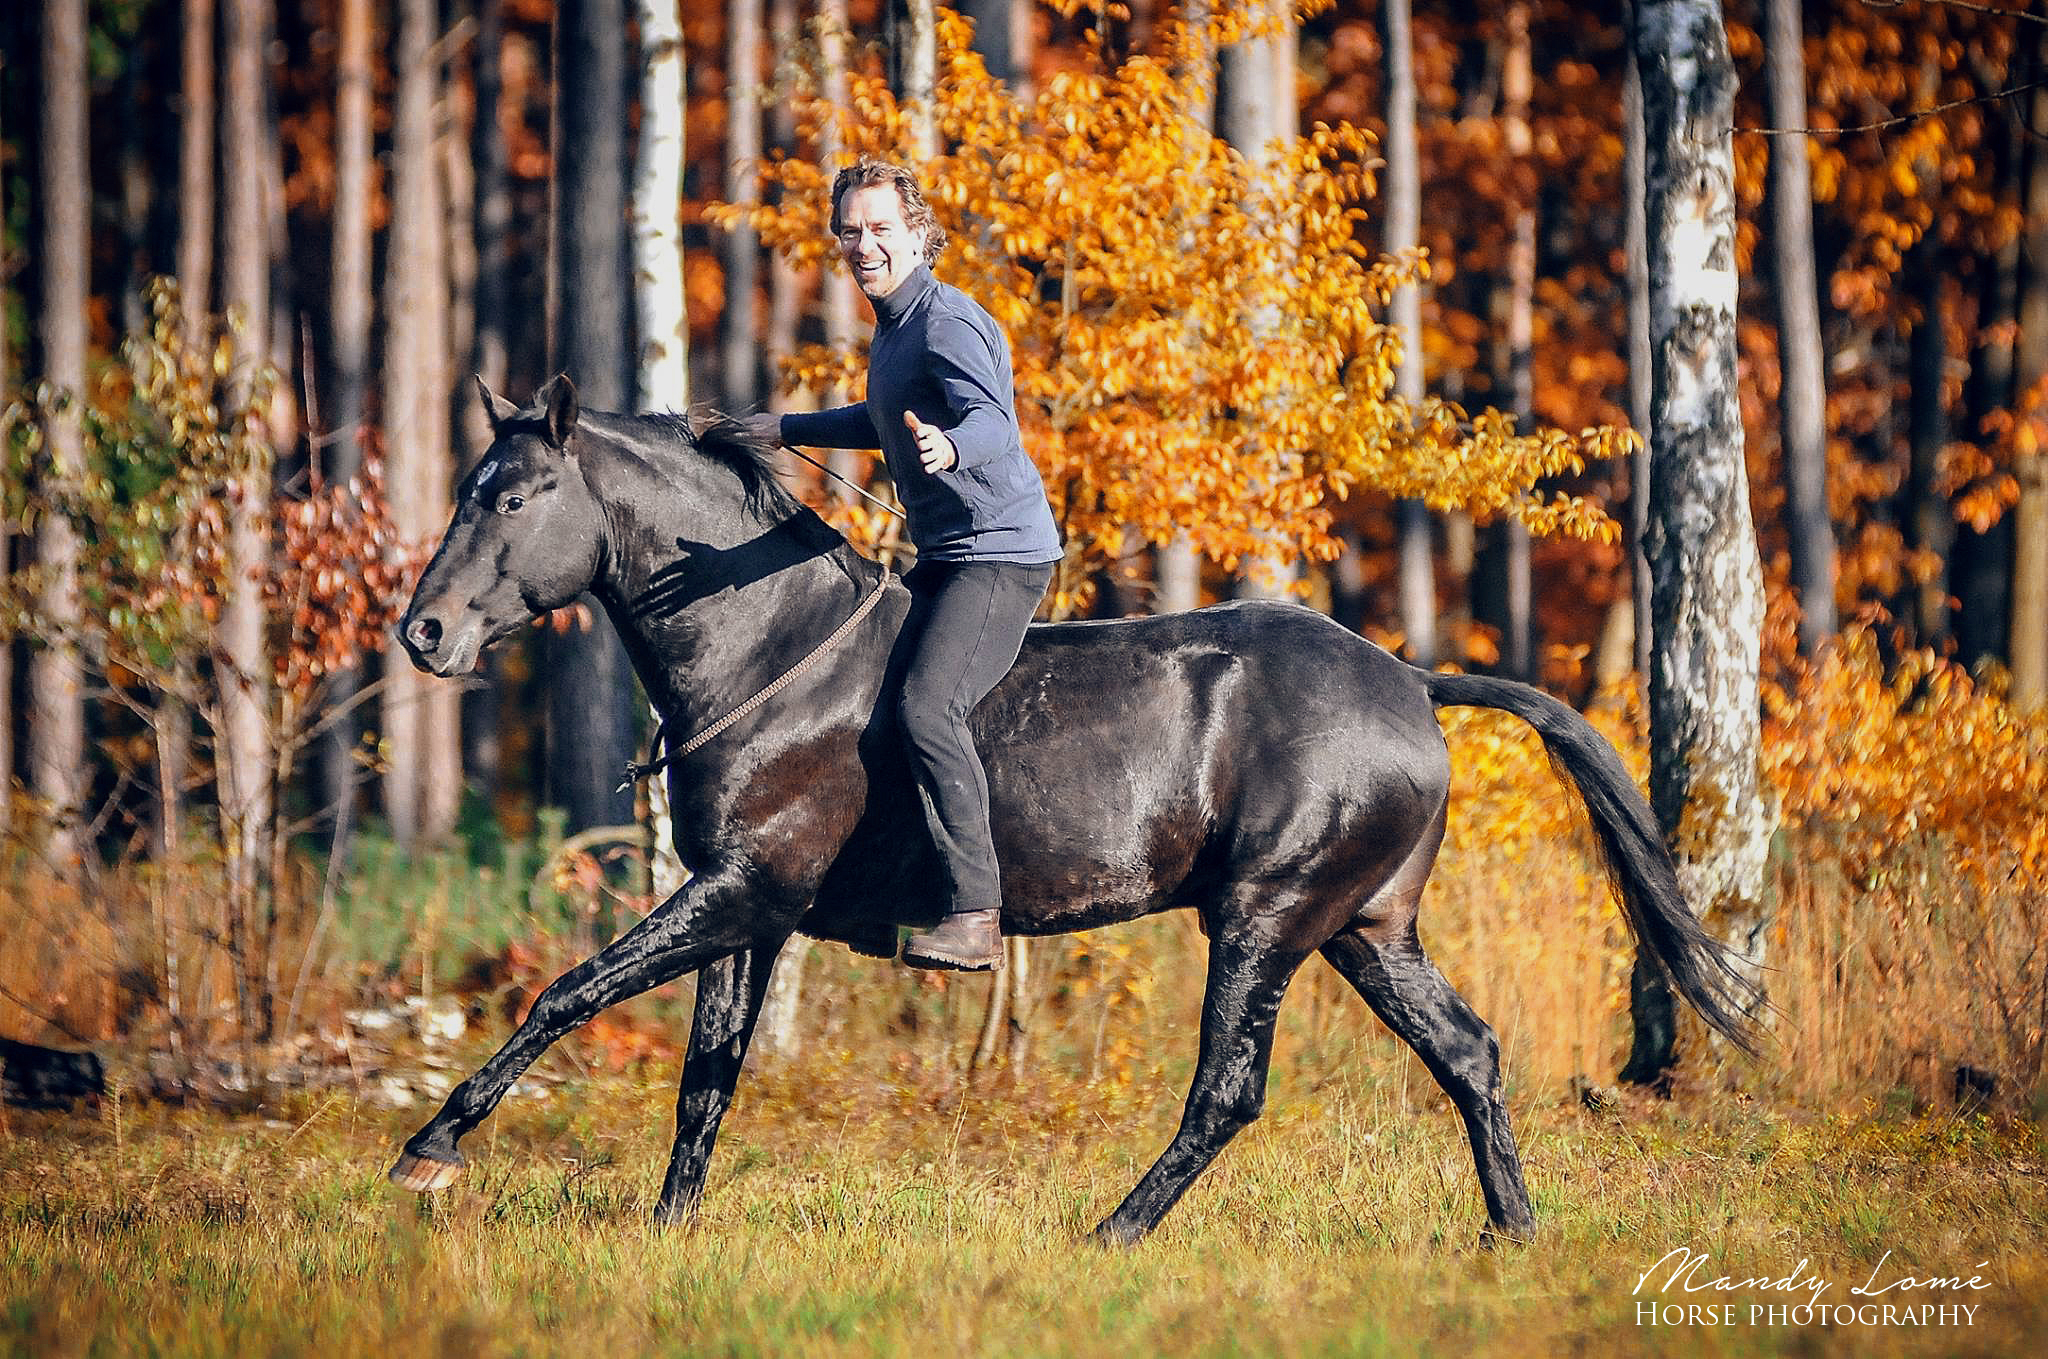 Liberty-Reiten mit Halsring auf Pasjo. Auch im Gelände ist sicheres Reiten mit Halsring möglich, wenn das Pferd gut ausgebildet ist und gegenseitigesVertrauen zwischen Reiter und Pferd besteht. BU Jossy Reynvoet 2015 © Mandy Lomé